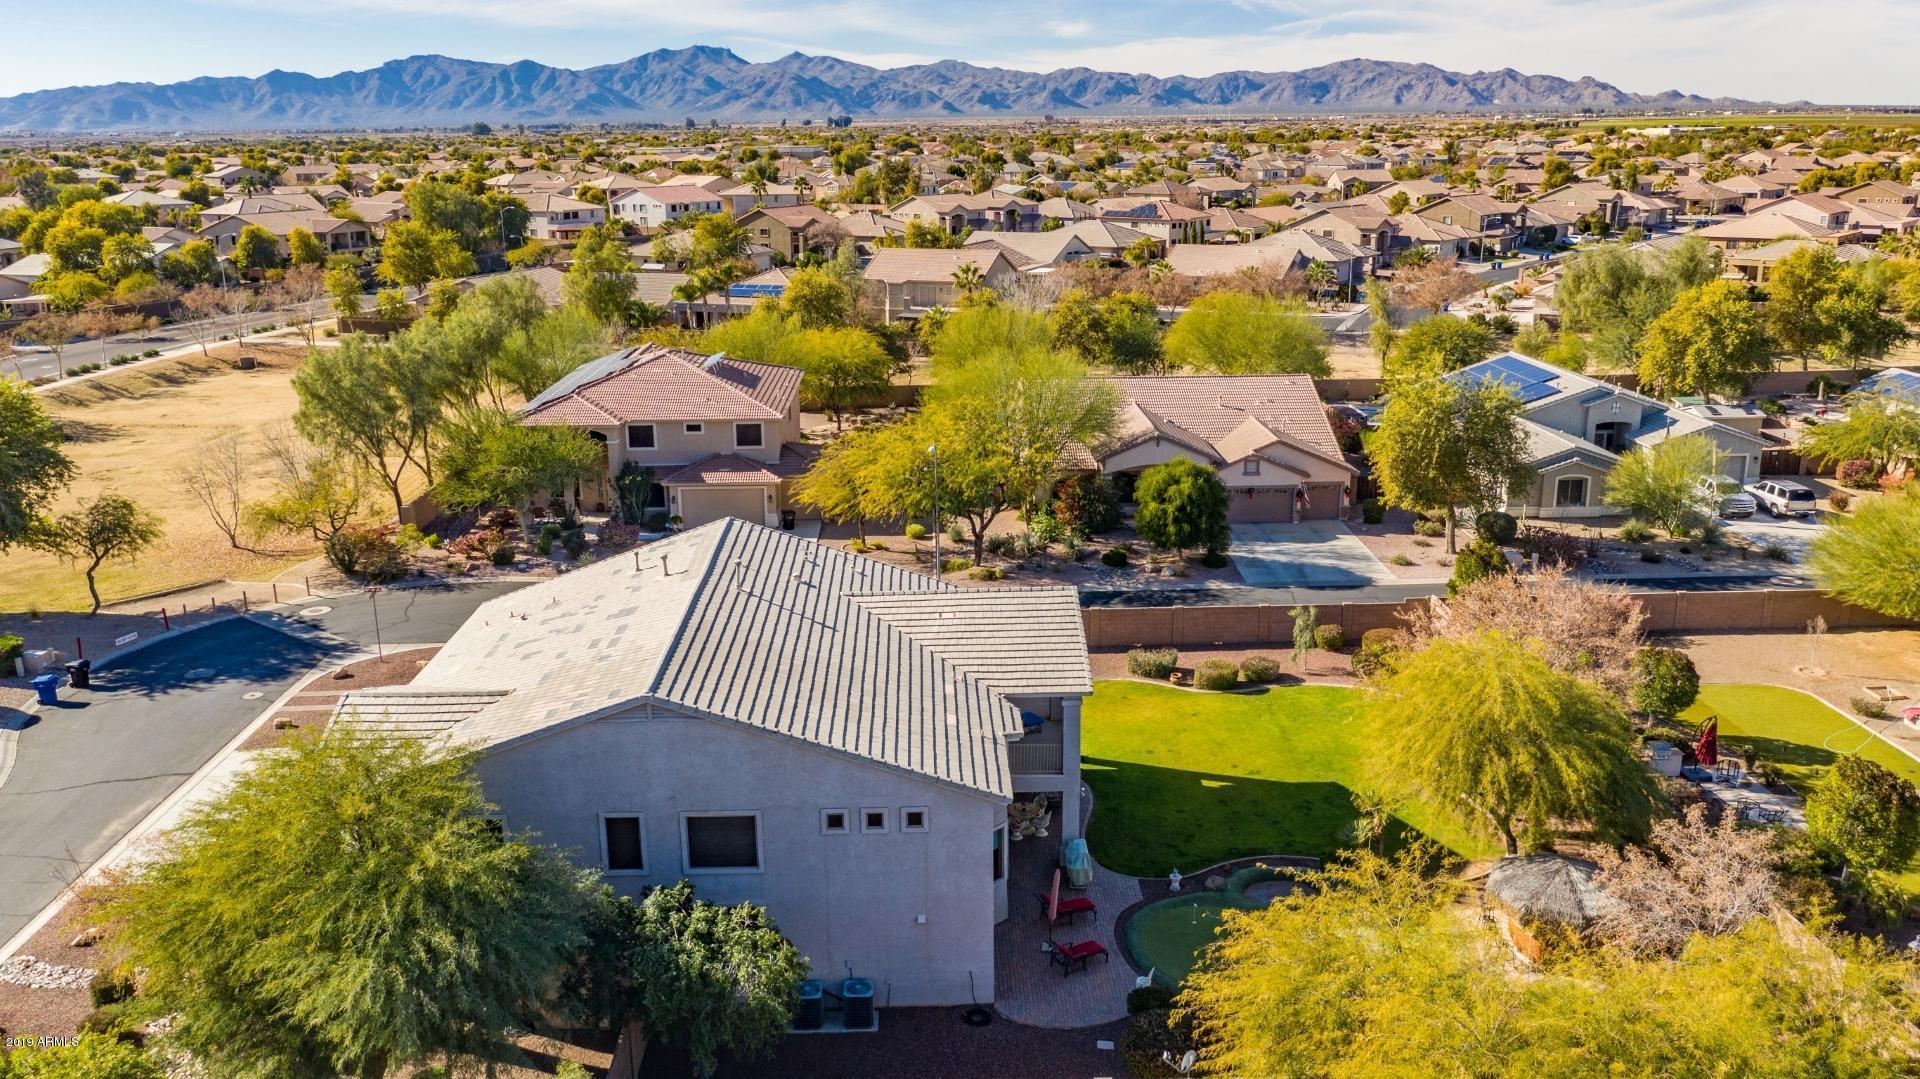 MLS 5865600 14768 W CAMERON Drive, Surprise, AZ 85379 Surprise AZ Rancho Gabriela